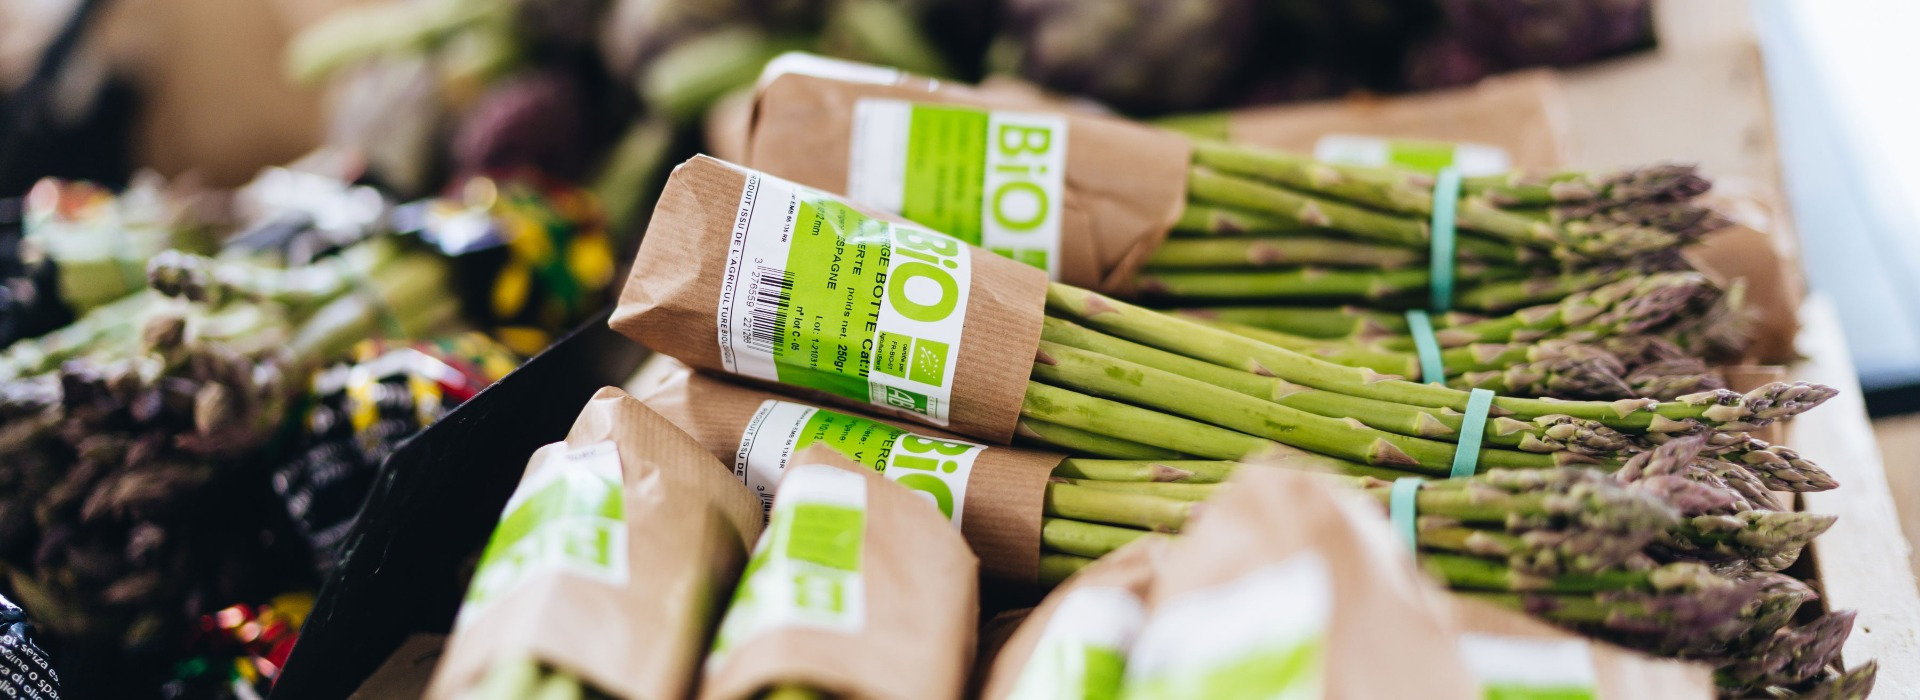 Verse en betaalbare bioproducten